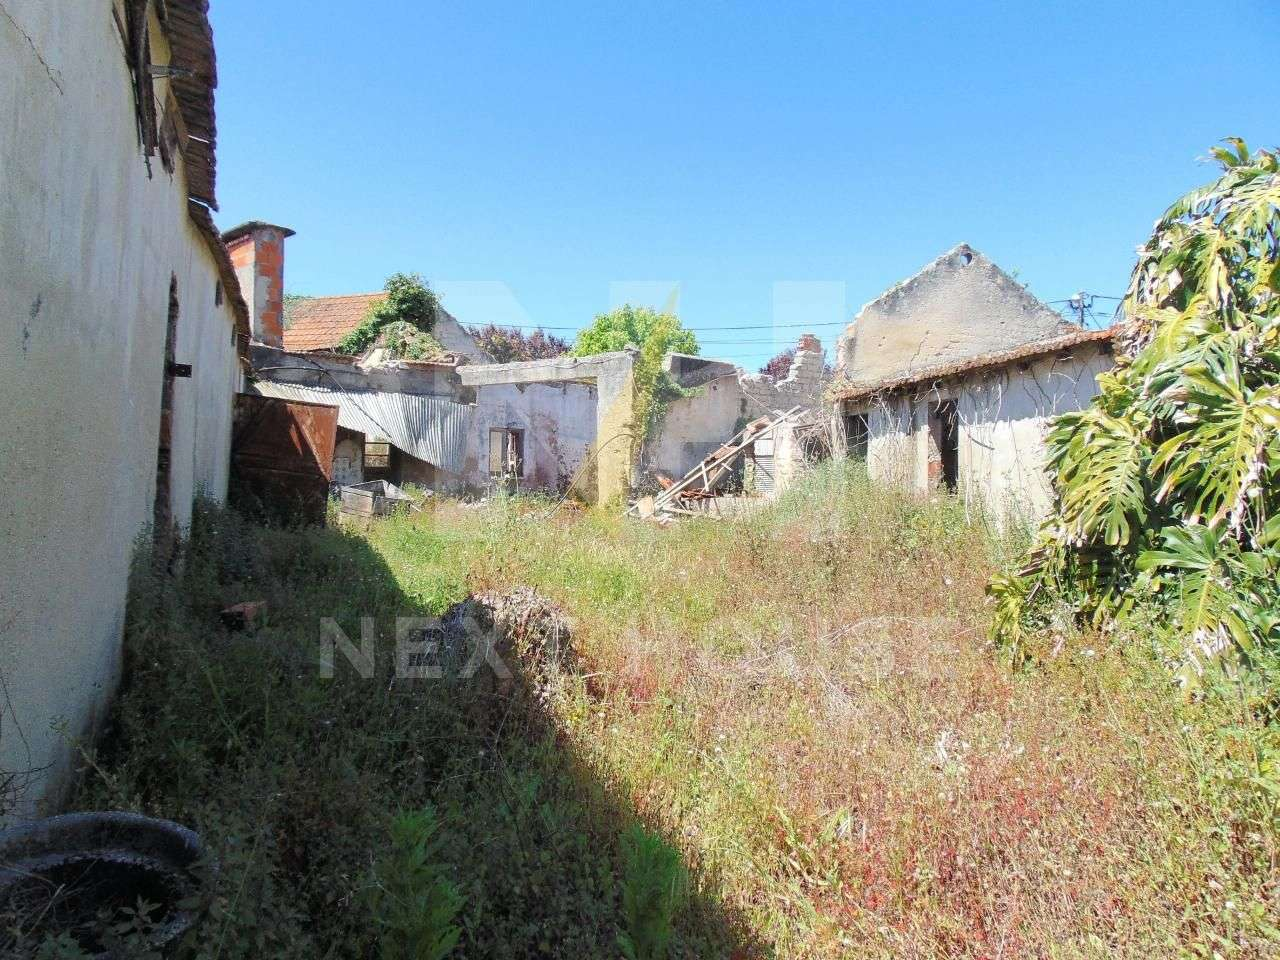 Terreno para comprar, Glória e Vera Cruz, Aveiro - Foto 7